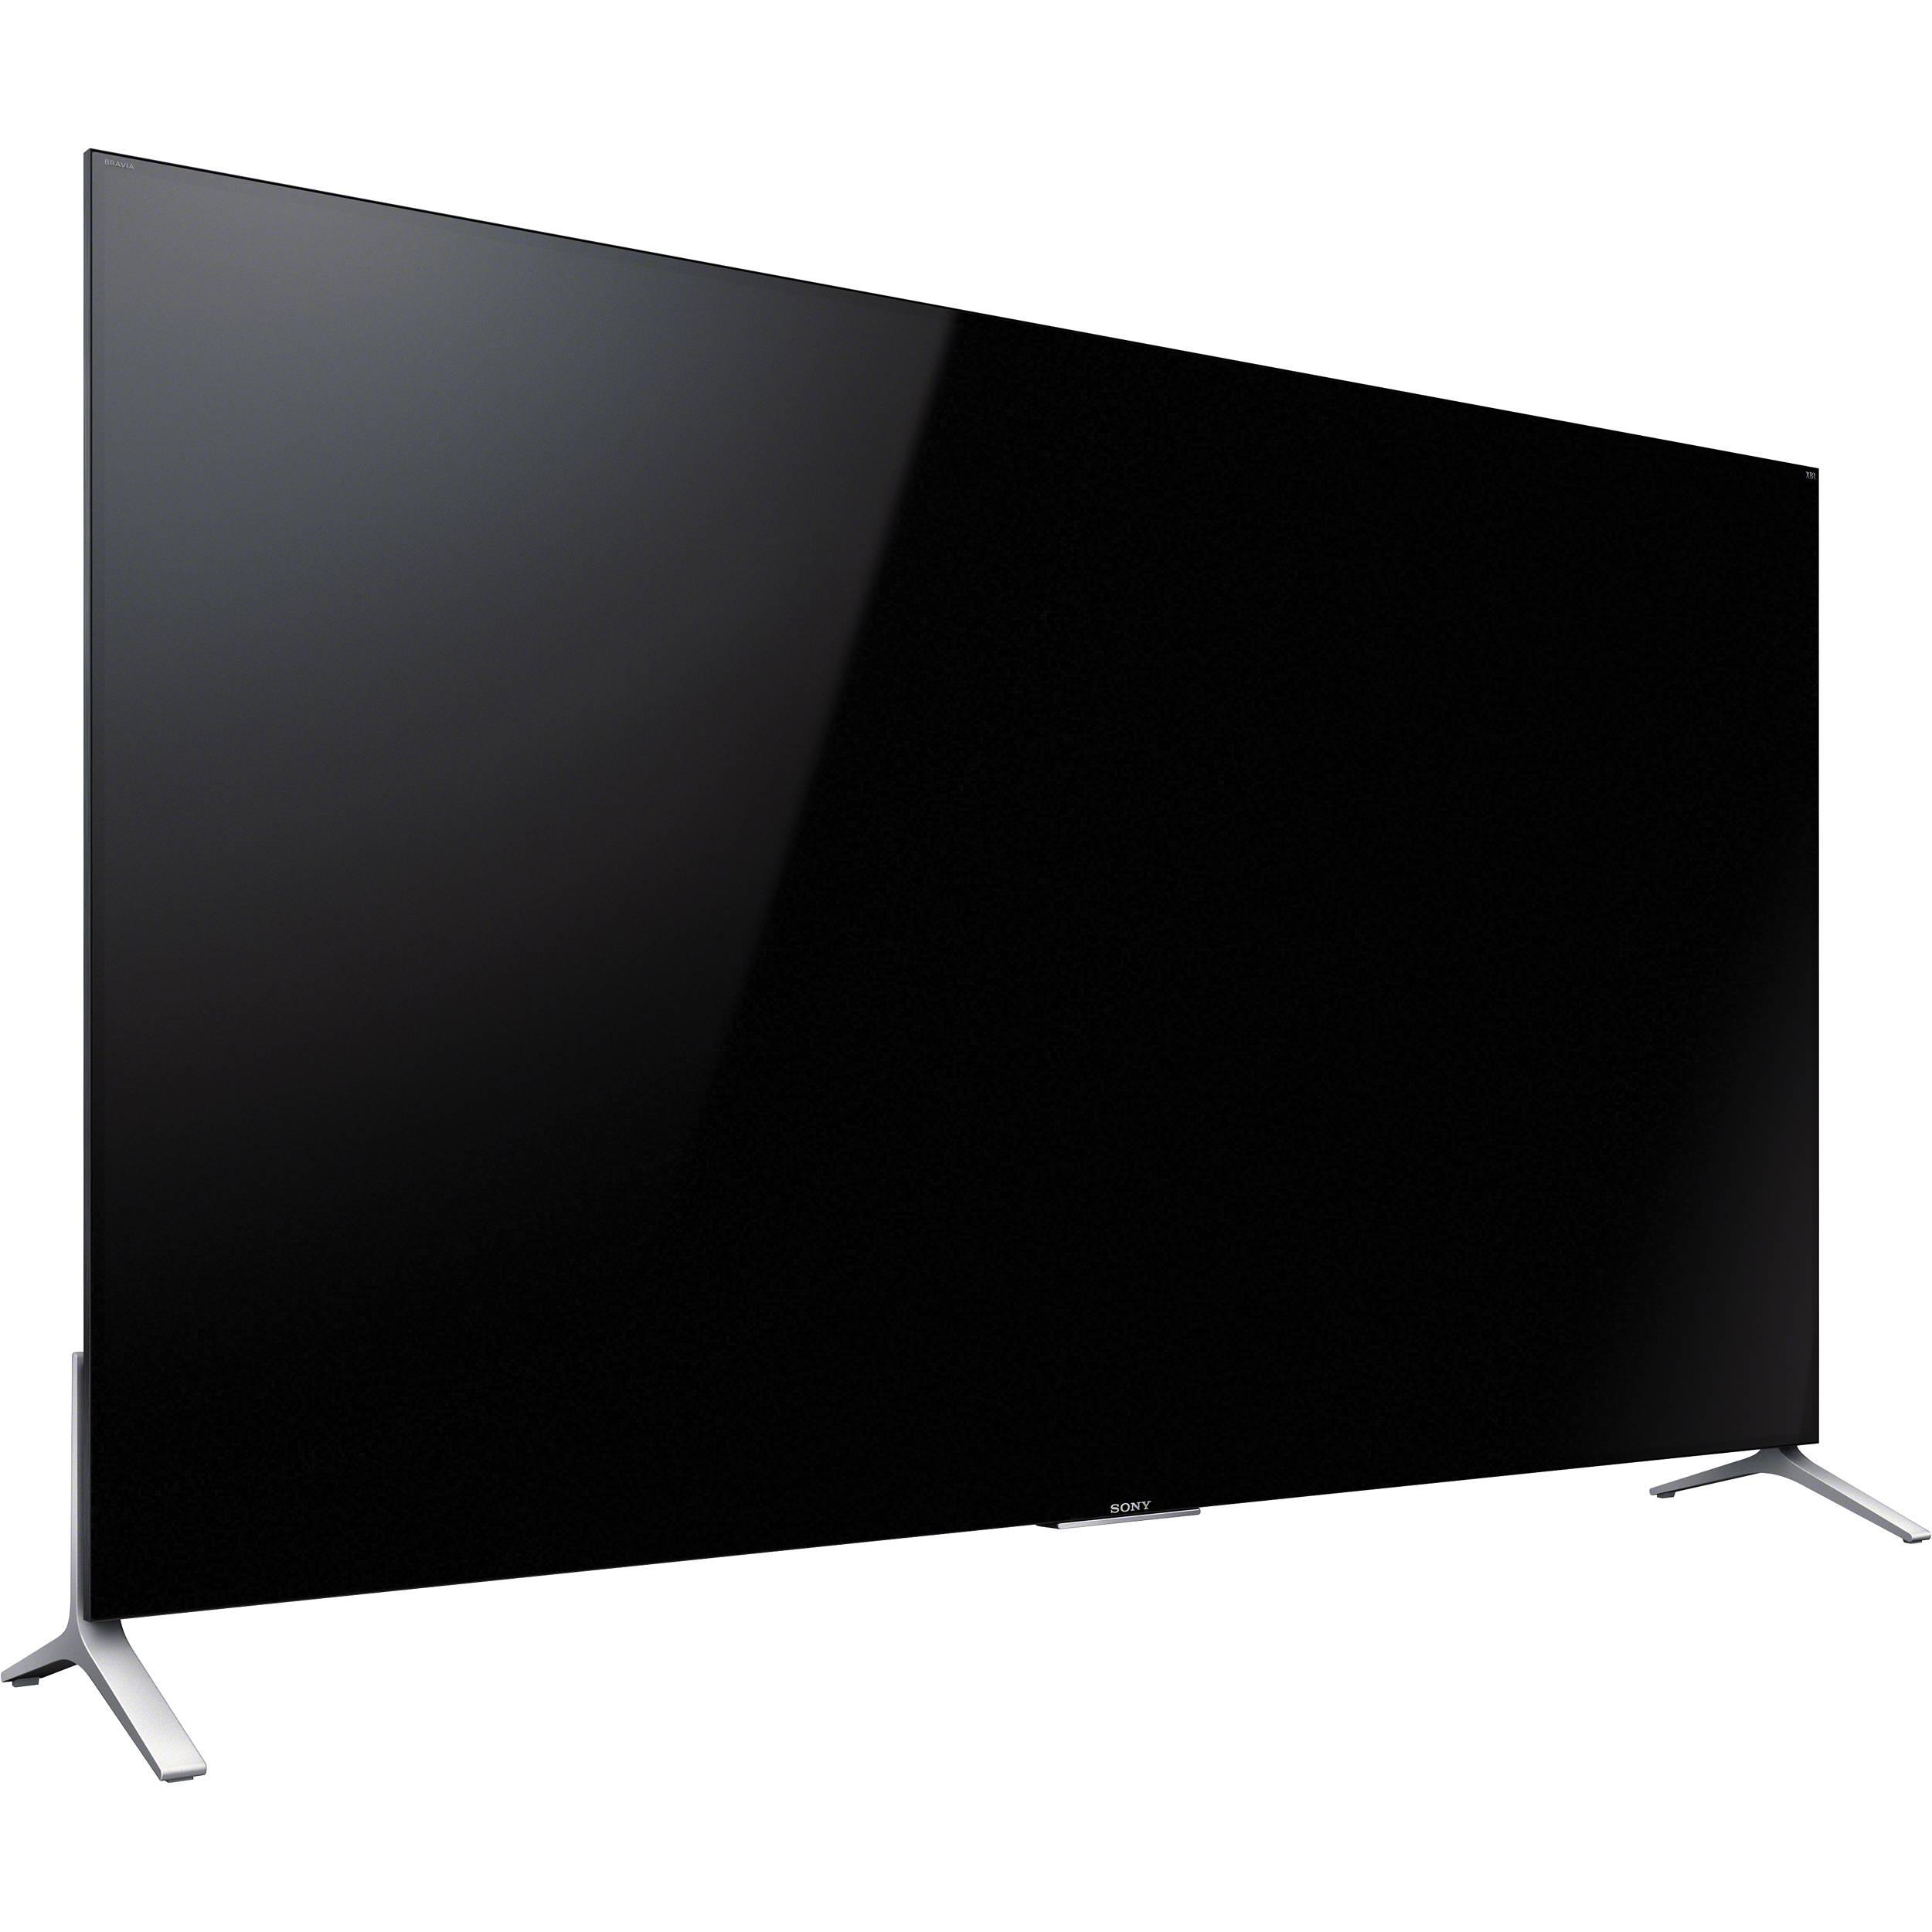 sony xbr 75x910c 75 class 4k smart led tv xbr 75x910c b h. Black Bedroom Furniture Sets. Home Design Ideas